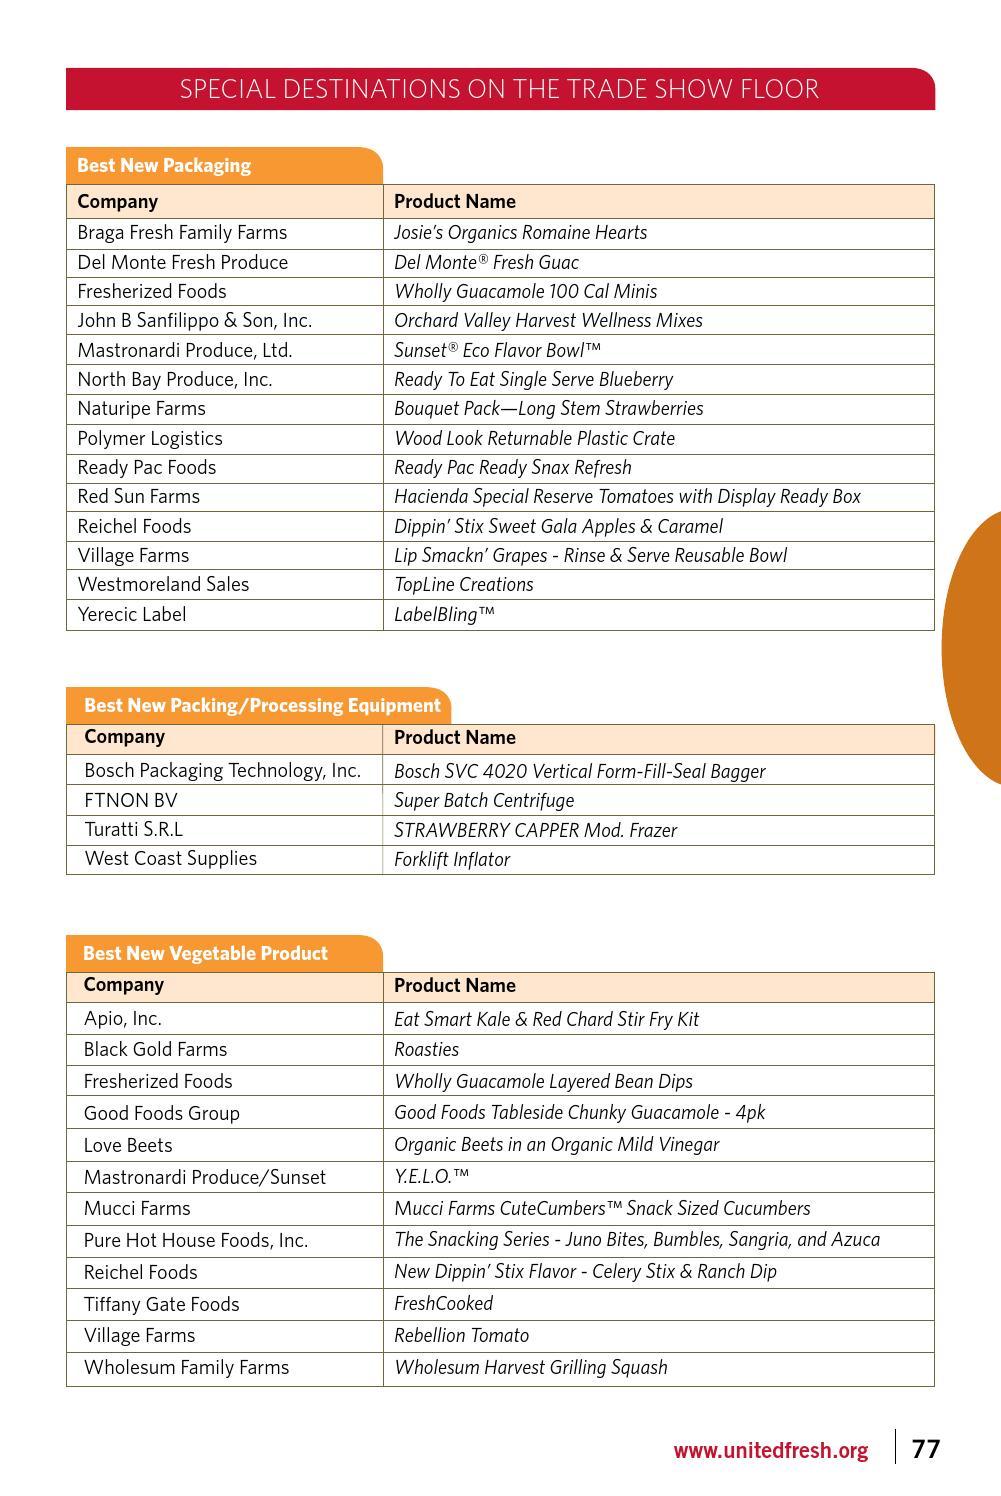 United Fresh 2014 Show Guide by United Fresh - issuu